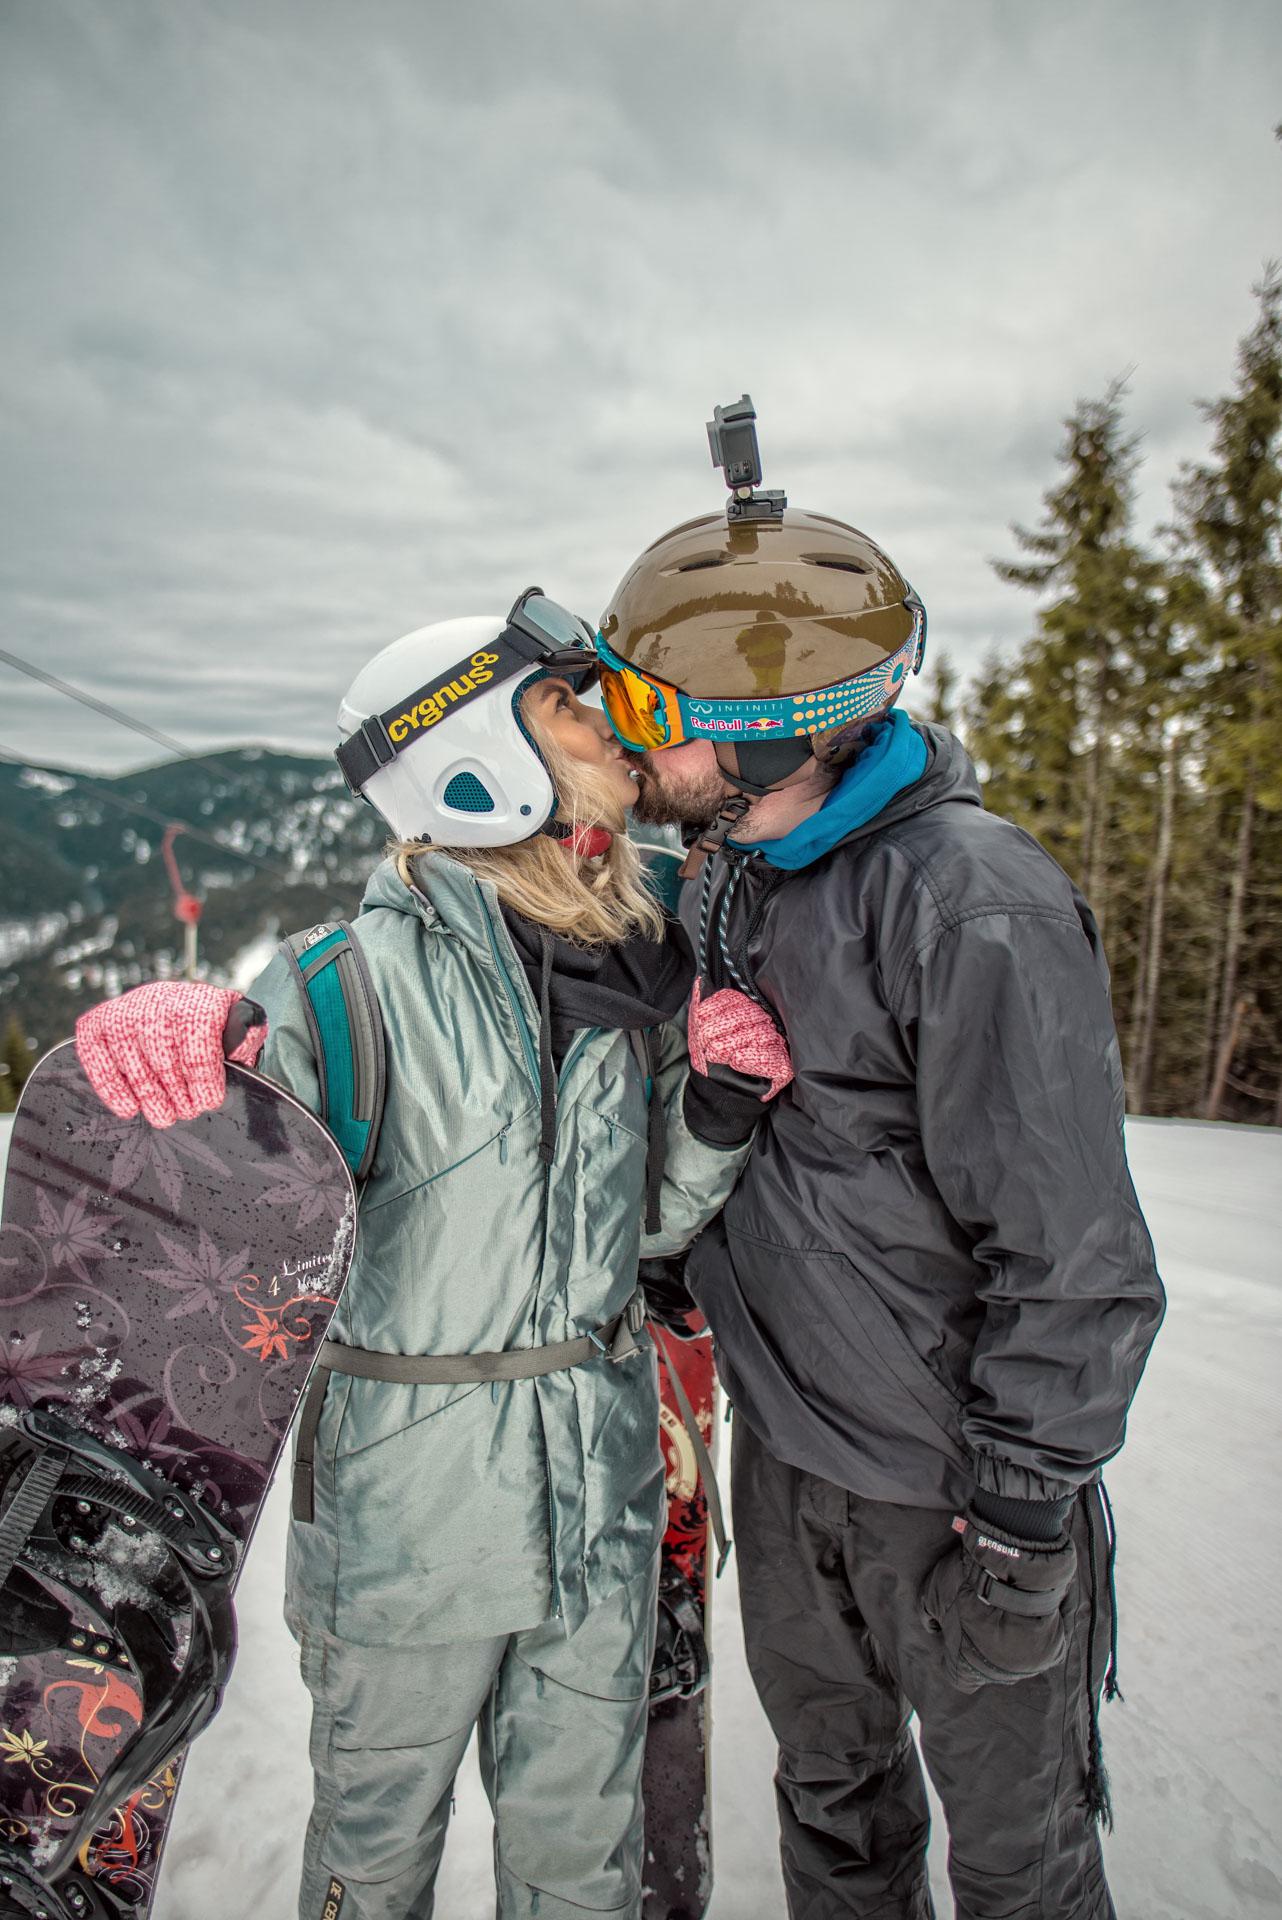 Ne-am apucat de SPORT, prima oara la SNOWBOARDING